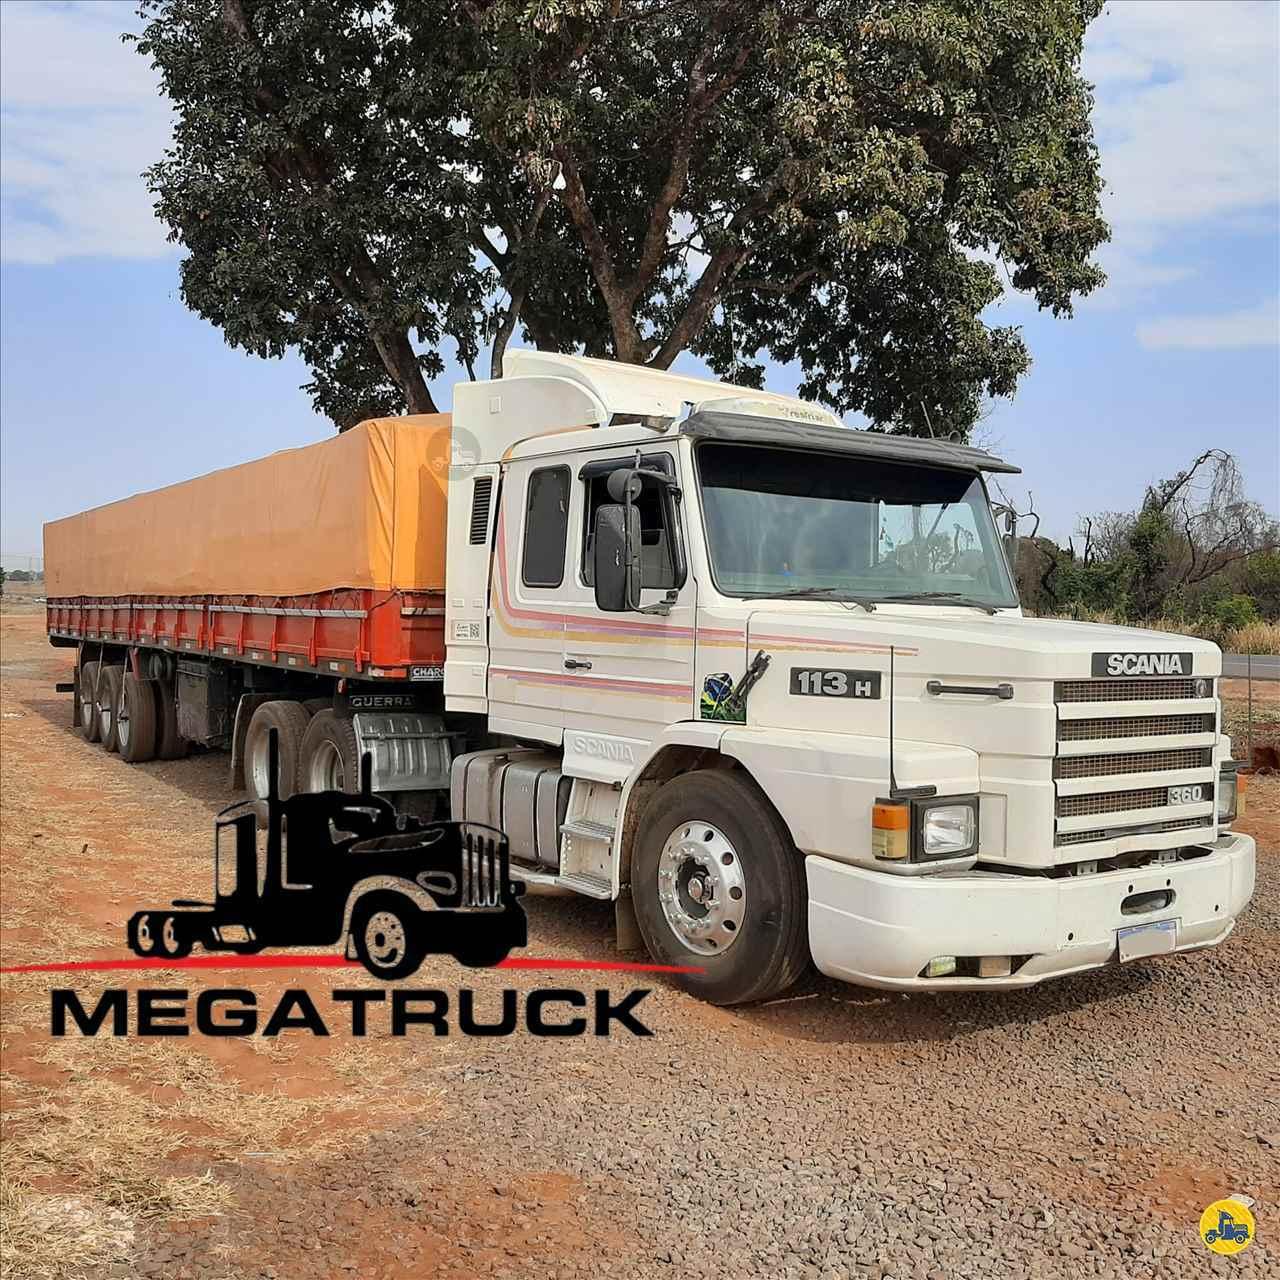 CAMINHAO SCANIA SCANIA 113 360 Cavalo Mecânico Truck 6x2 Megatruck Caminhões e Máquinas CAMPO GRANDE MATO GROSSO DO SUL MS